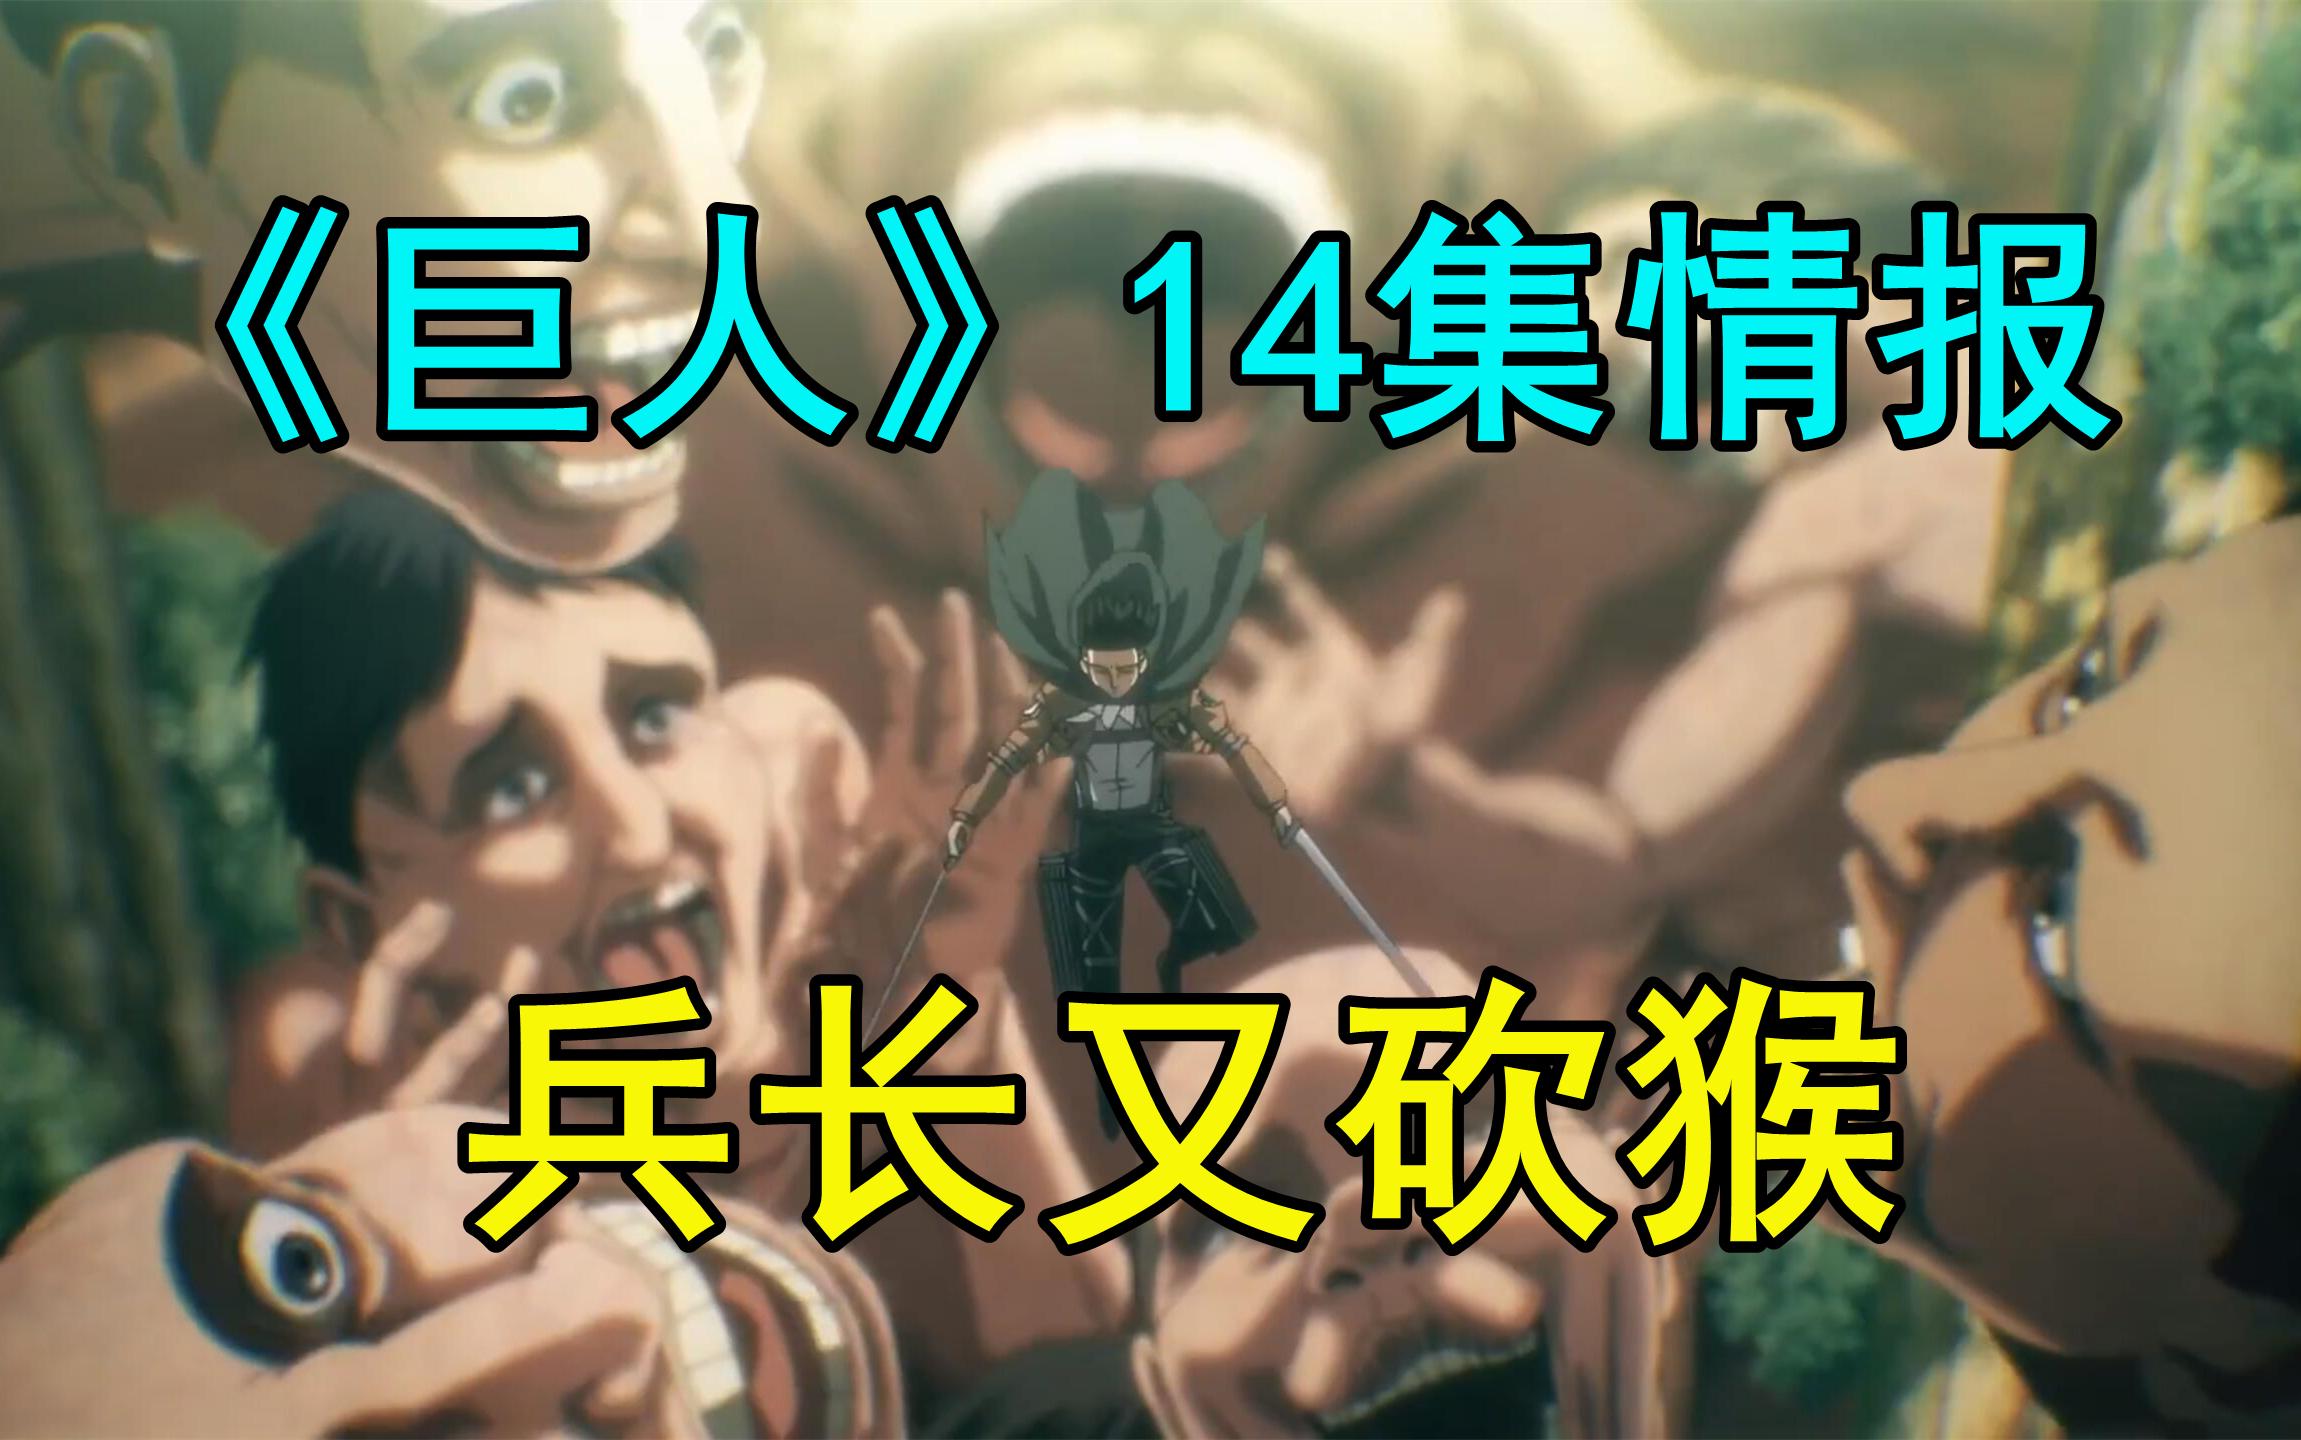 巨人14集情報:兵長砍猴即將重演,《咒術回戰》作監回歸